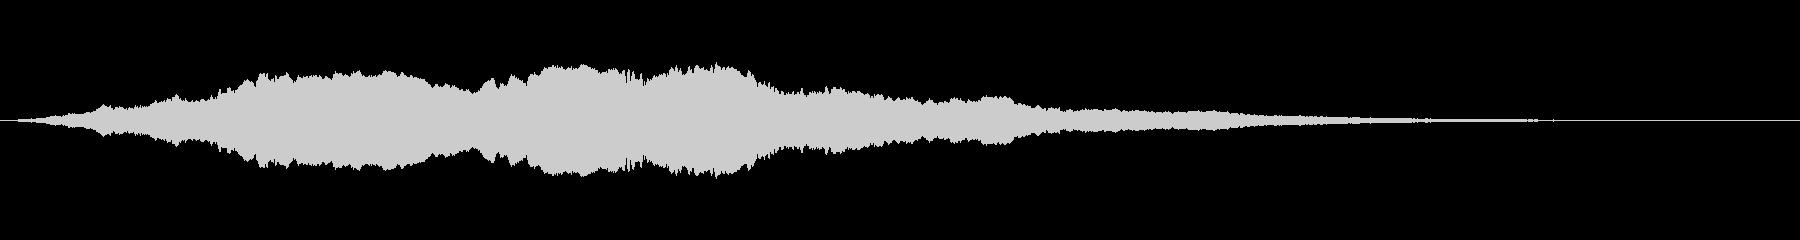 AIR RAID空襲サイレンの未再生の波形